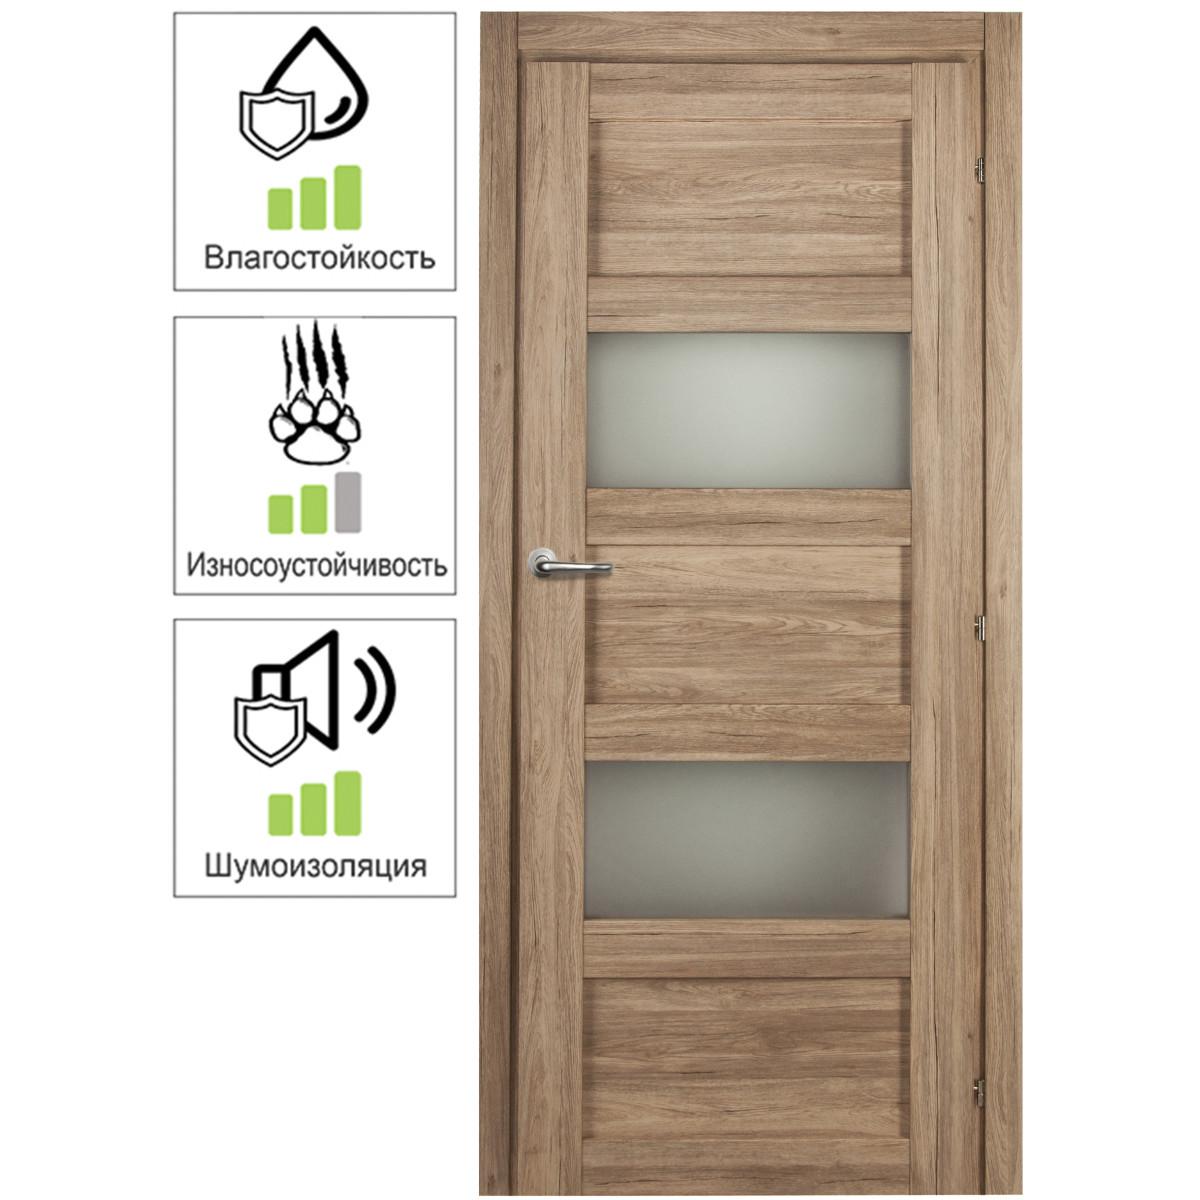 Дверь межкомнатная остеклённая Прэсто 60х200 см ПВХ цвет дуб санремо натуральный с фурнитурой